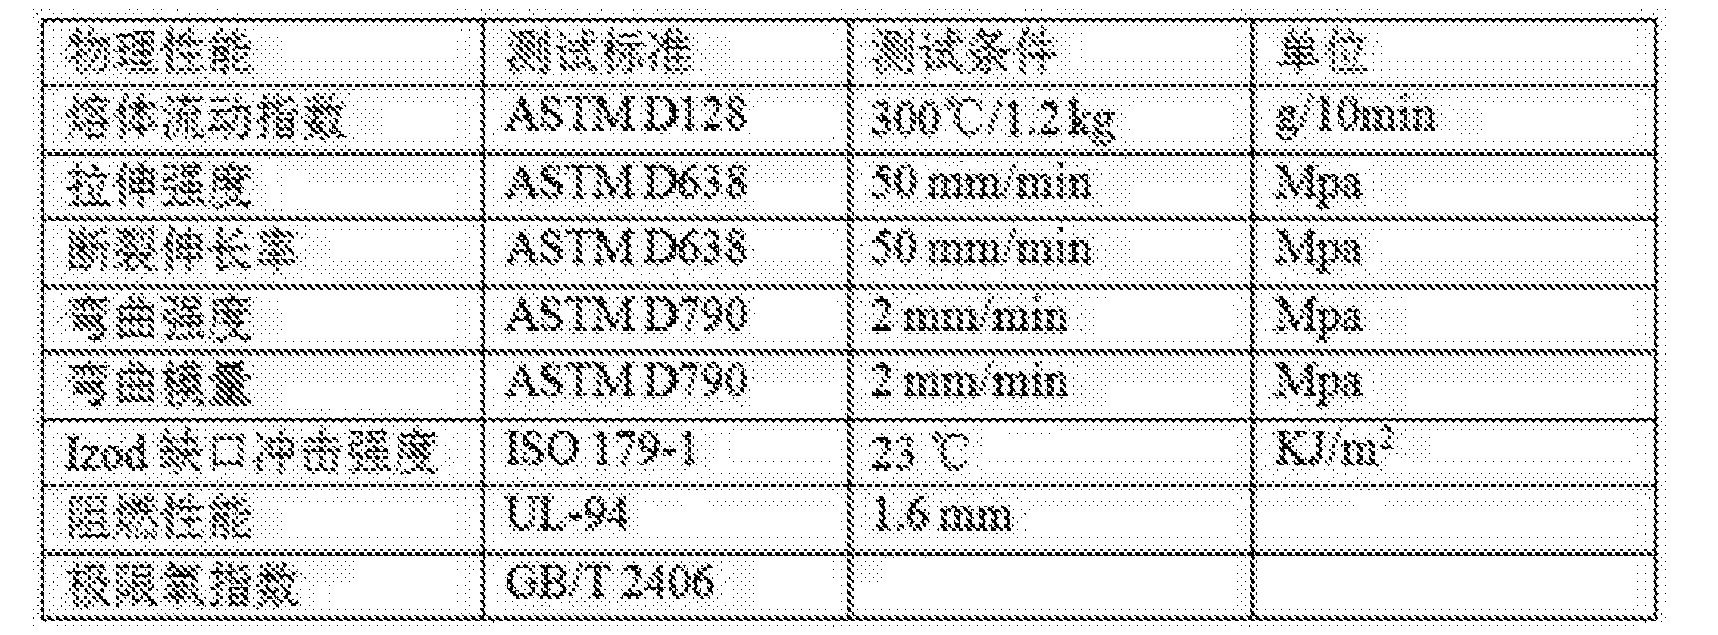 Figure CN105524301BD00102